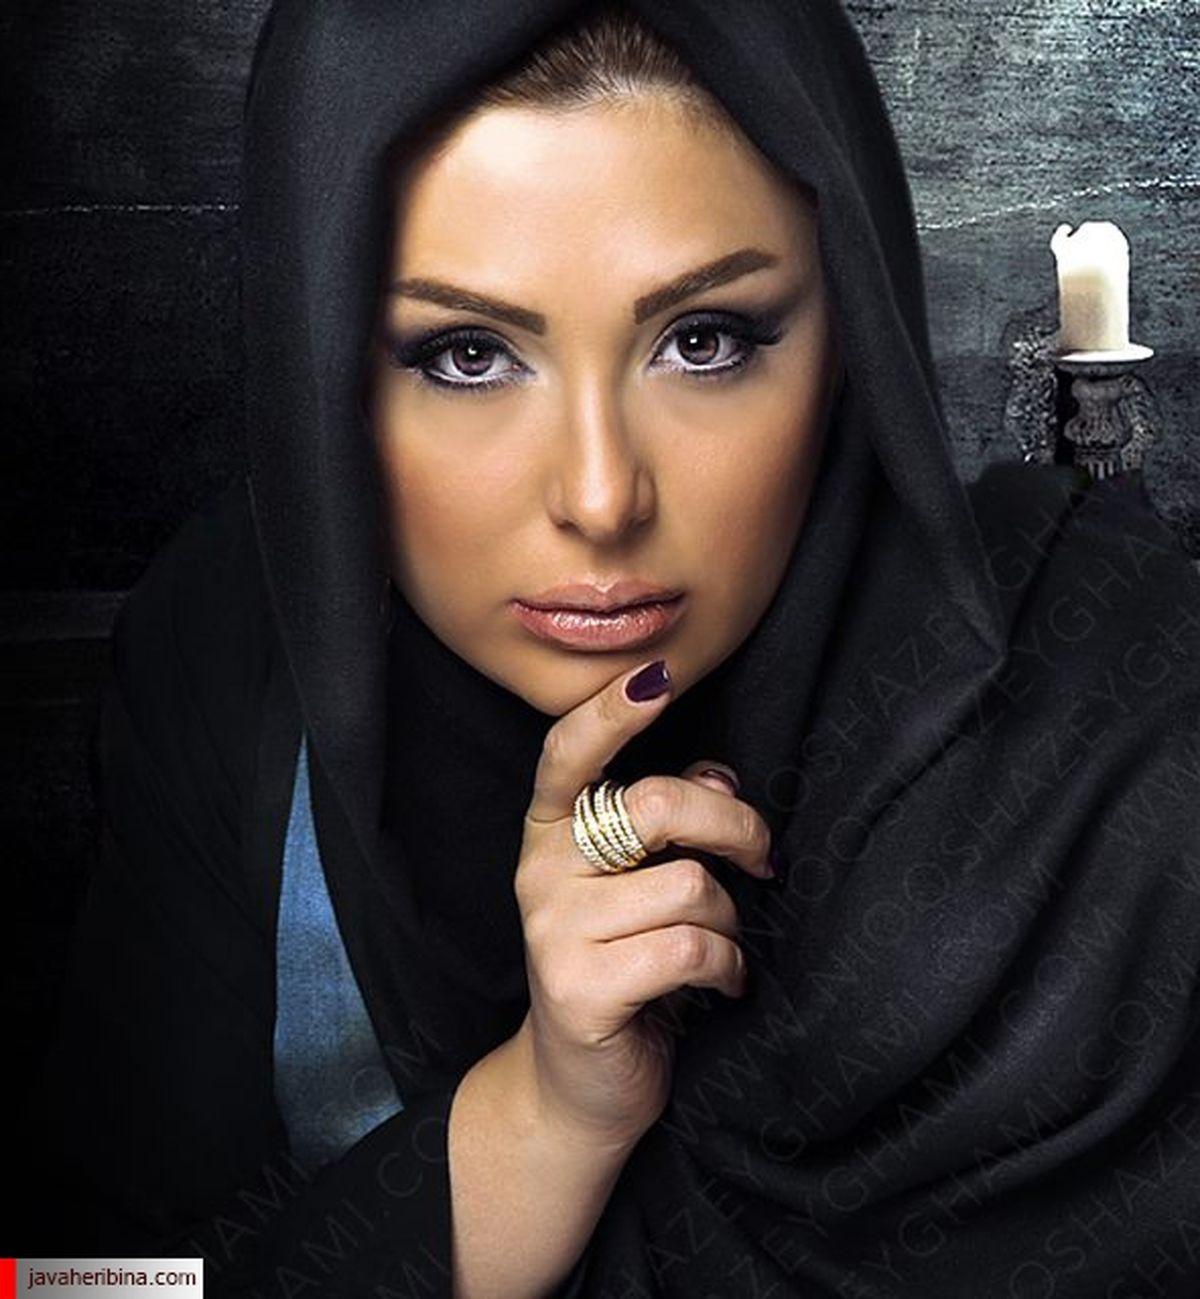 حلقه ازدواج اشرافی نیوشا ضیغمی + عکس